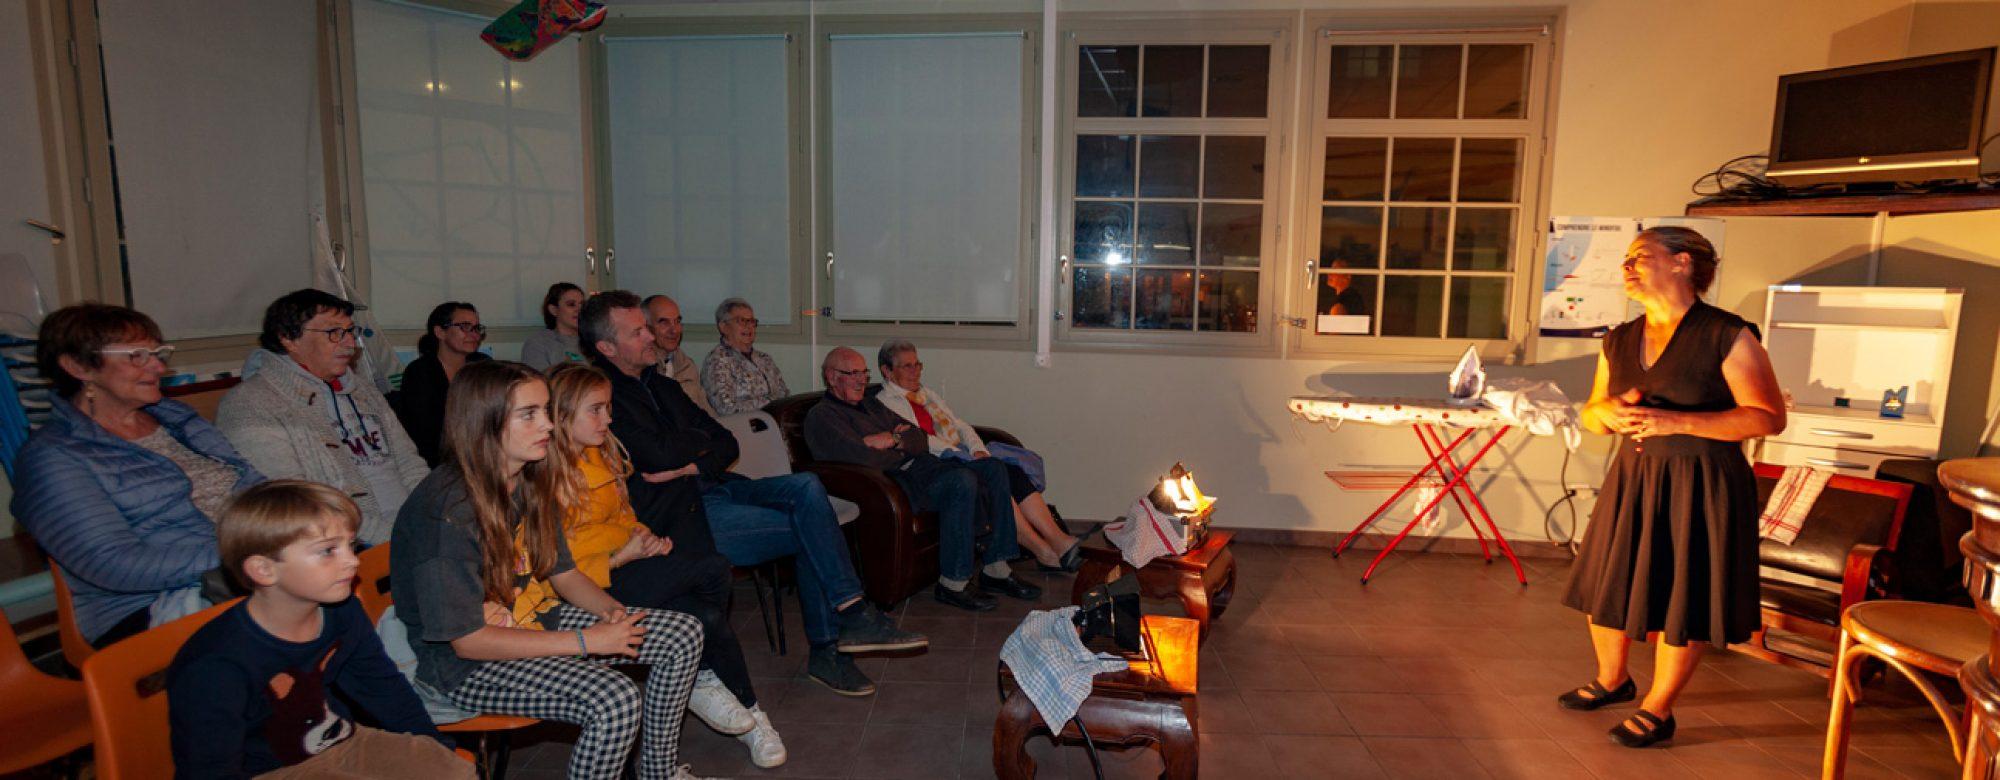 Récit théâtralisé à Etretat lors des Nuits du Tourisme